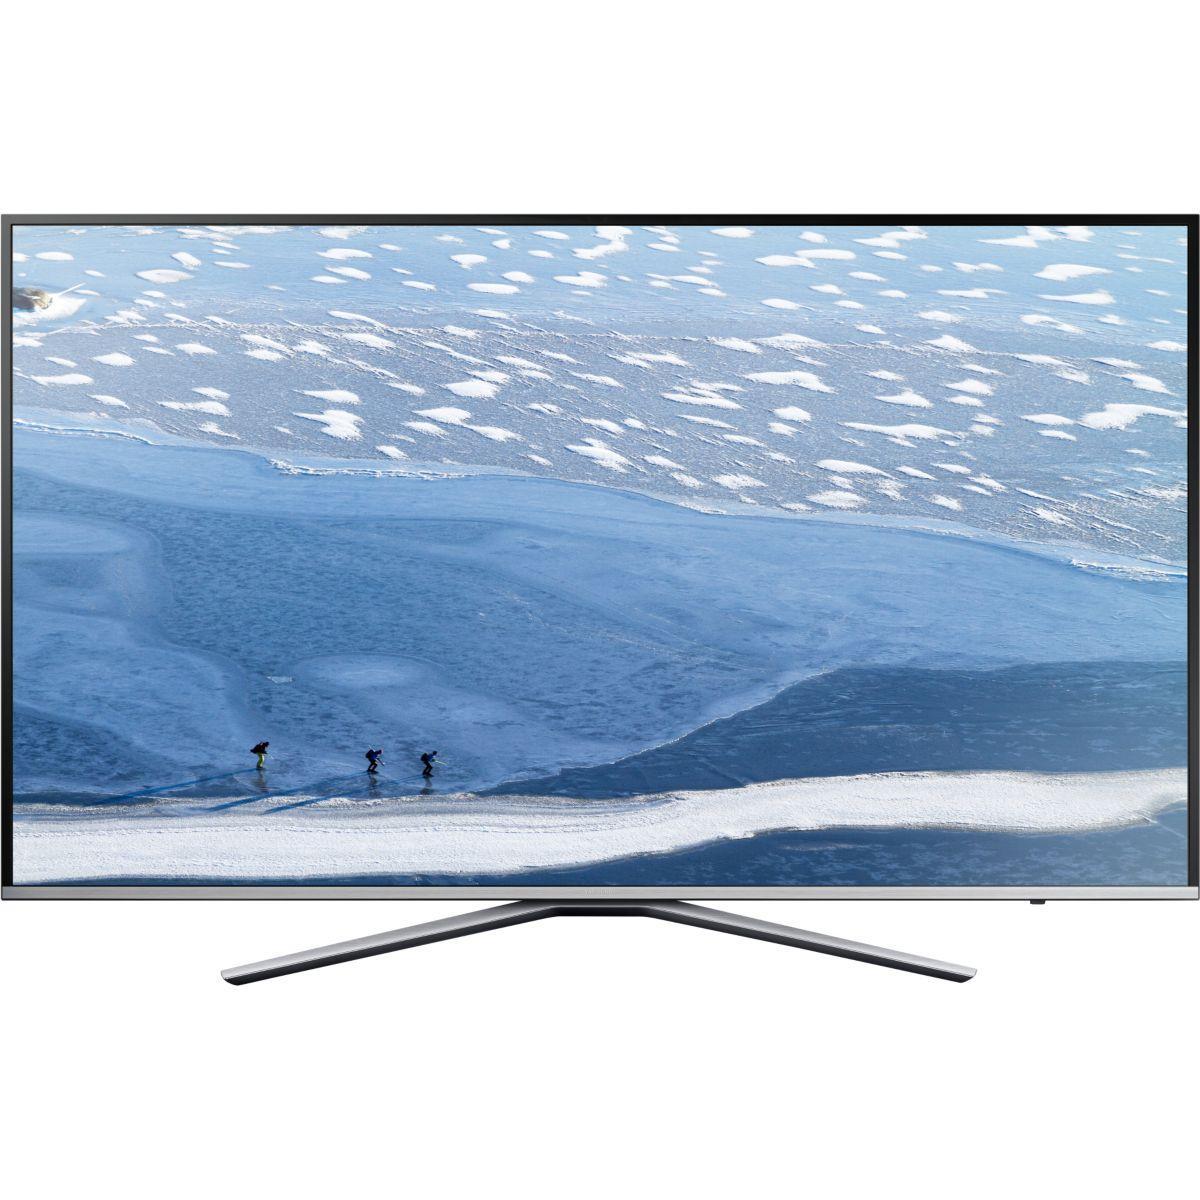 TV SAMSUNG UE55KU6400 4K 1500 PQI SMART TV